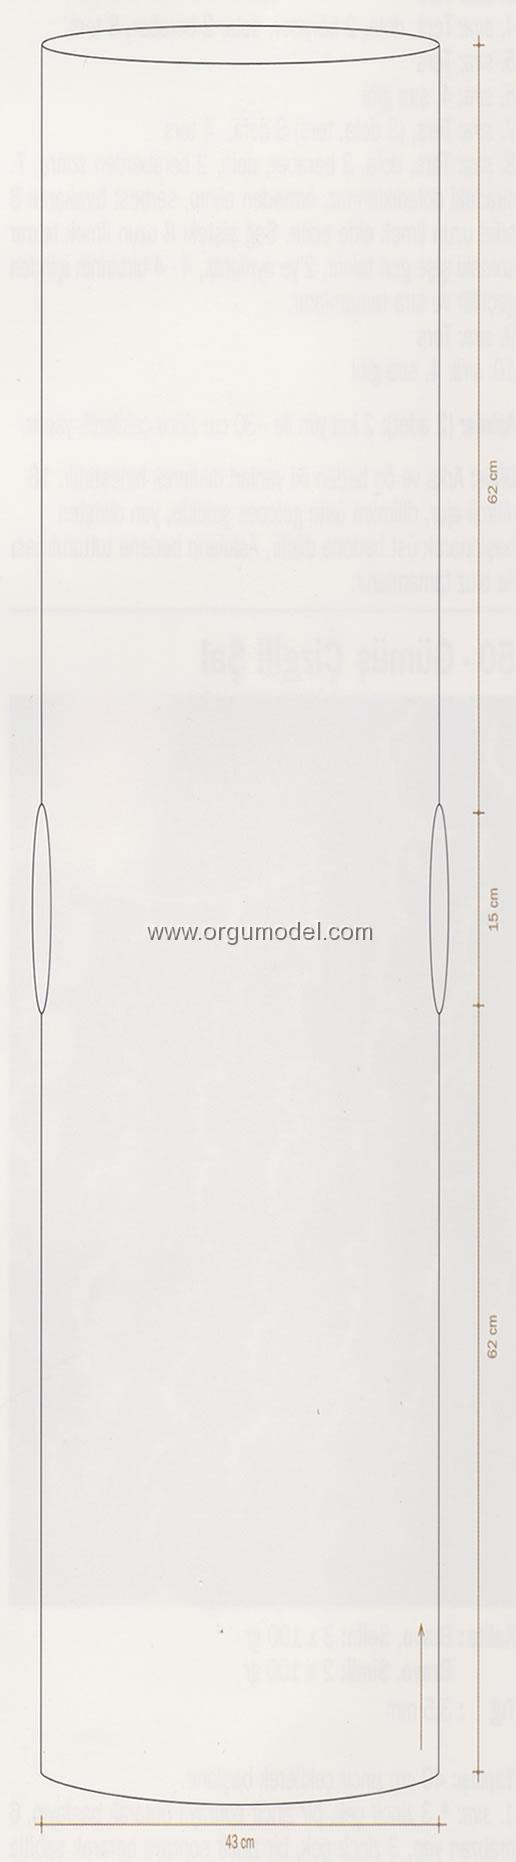 Boru Tunik Şeması